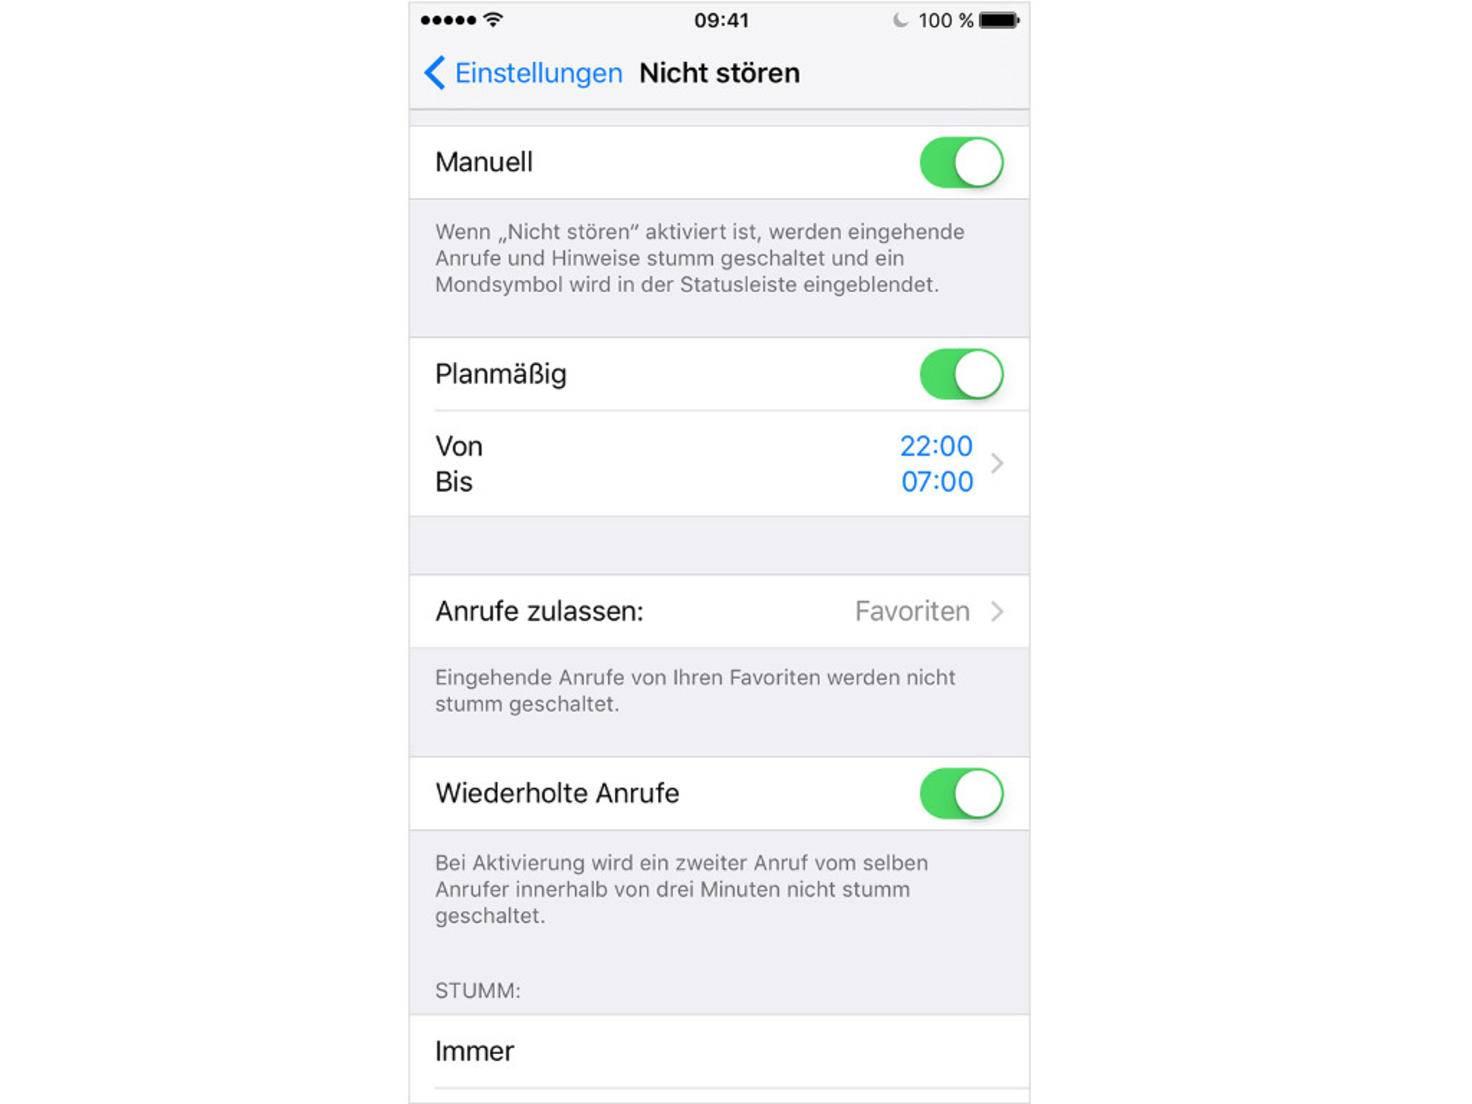 iOS Nicht stören Planmäßig